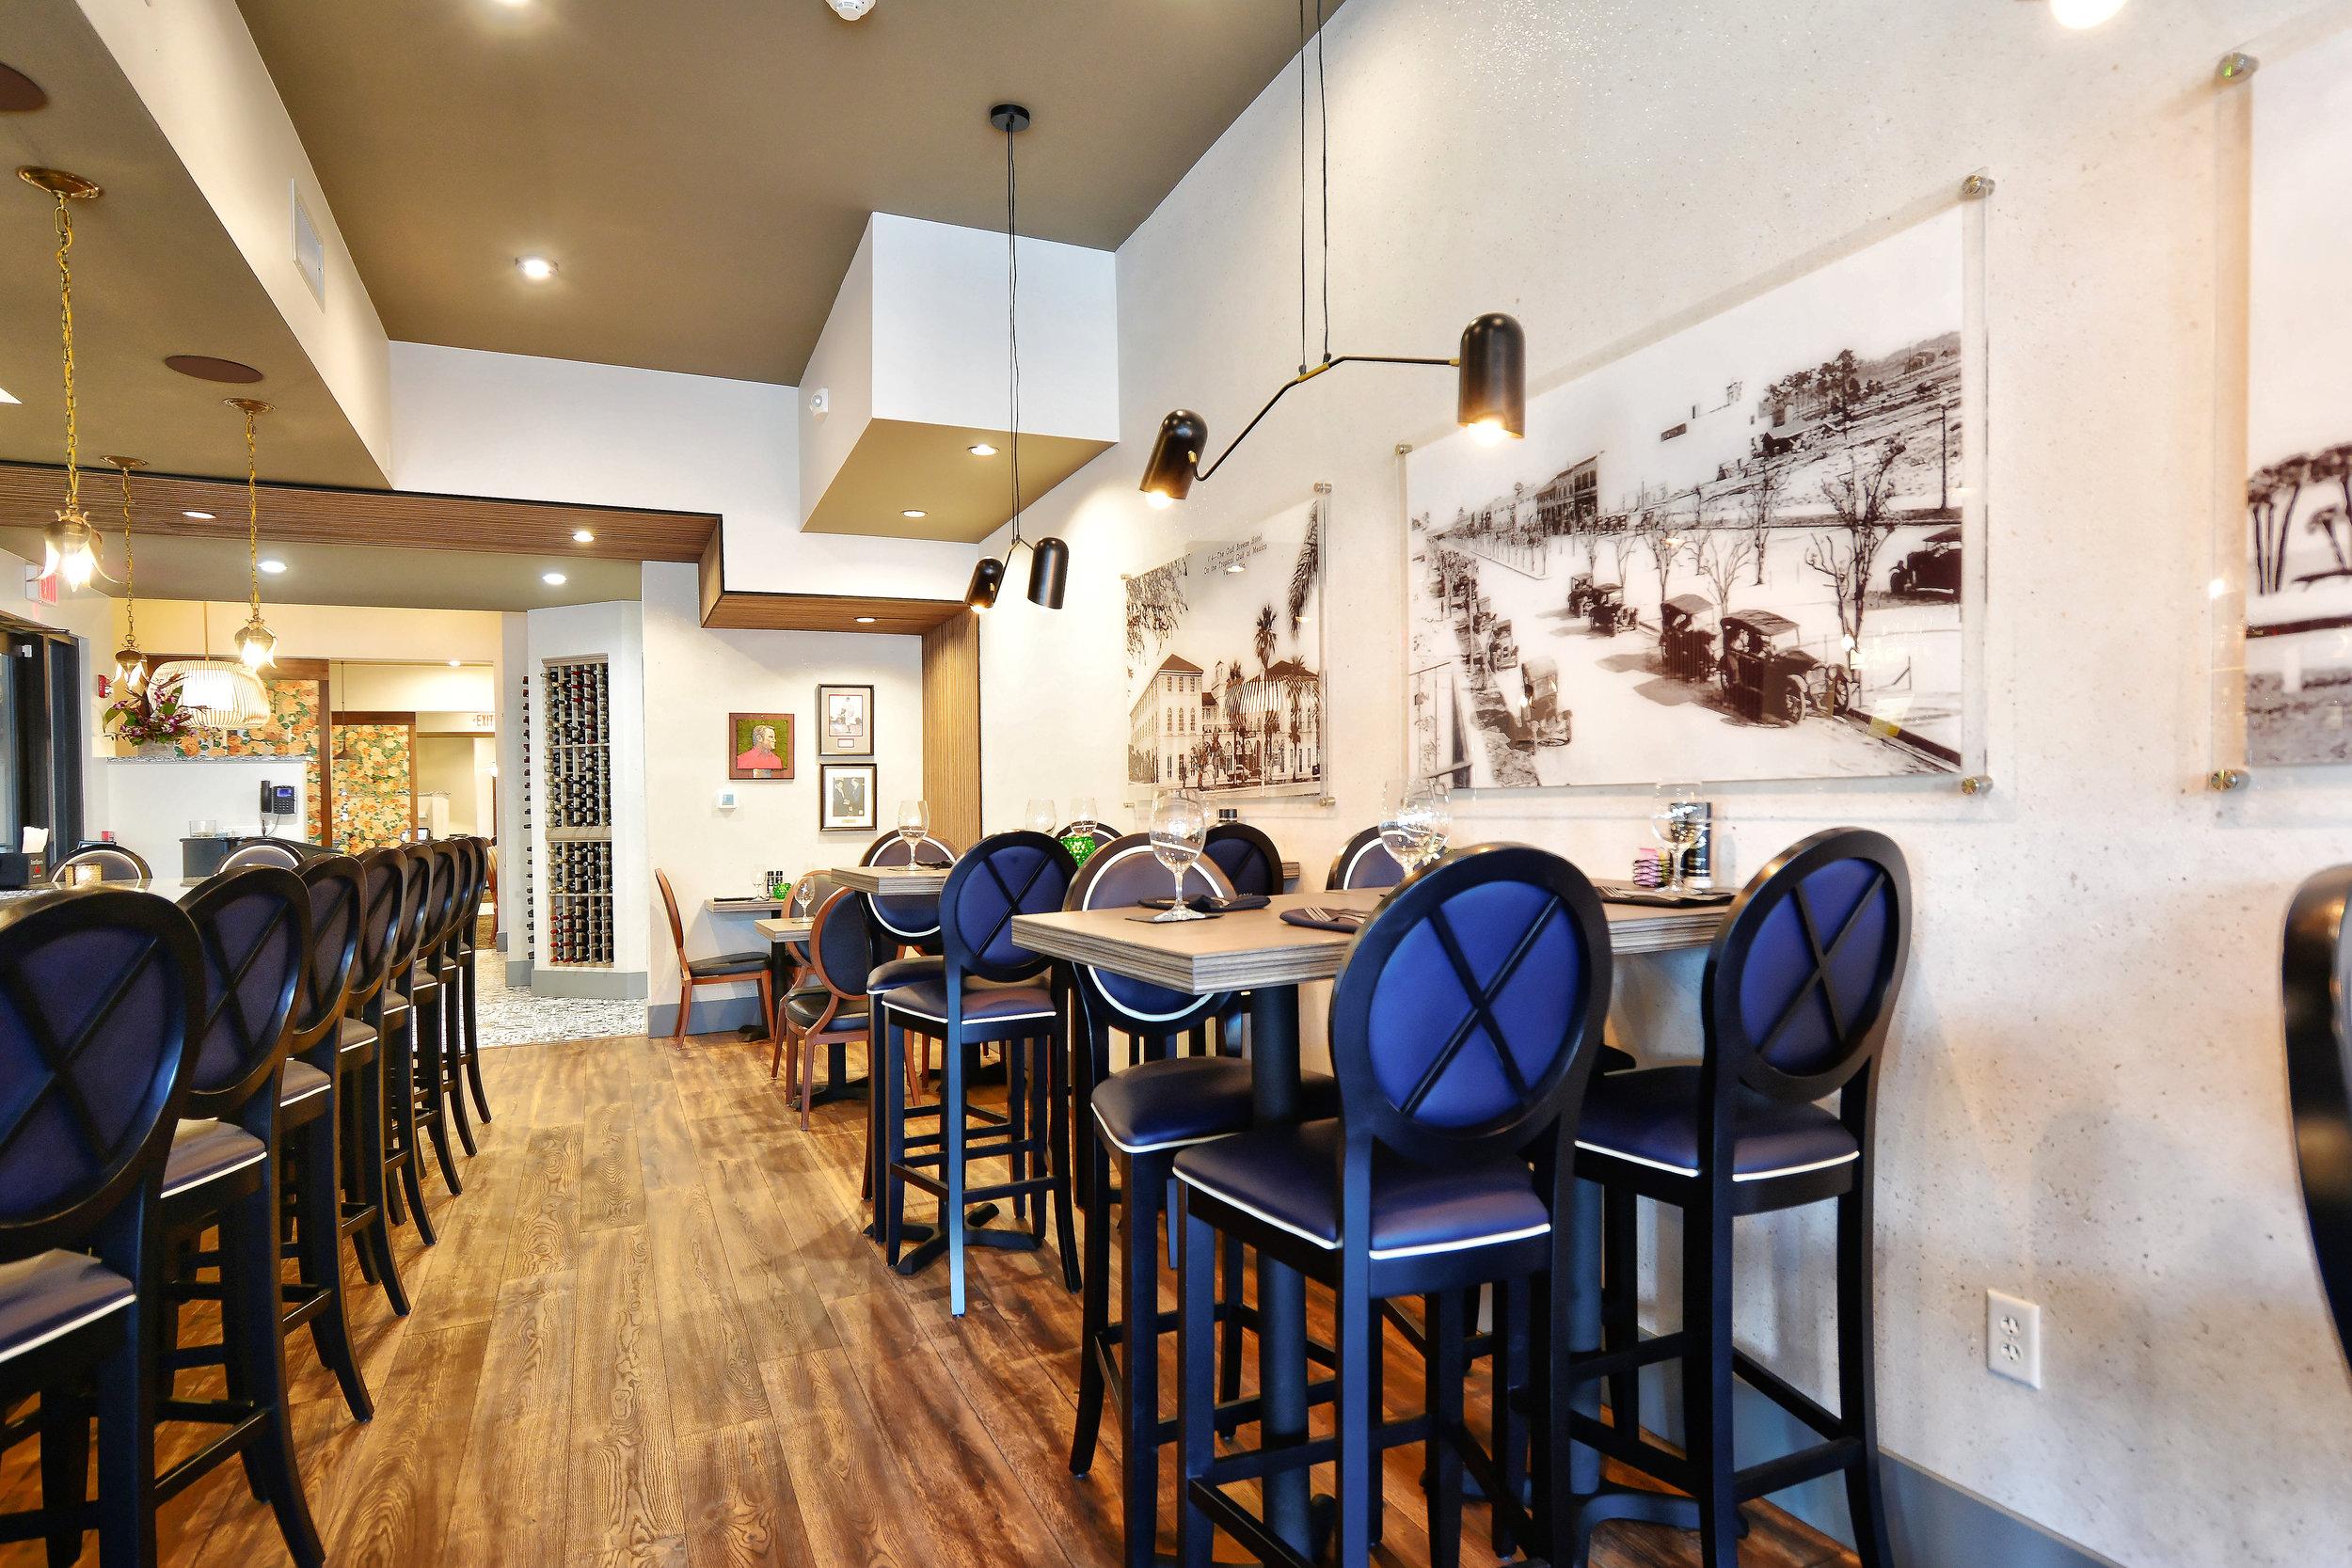 101-West-Venice-Avenue-Cafe-Venice-118.jpg